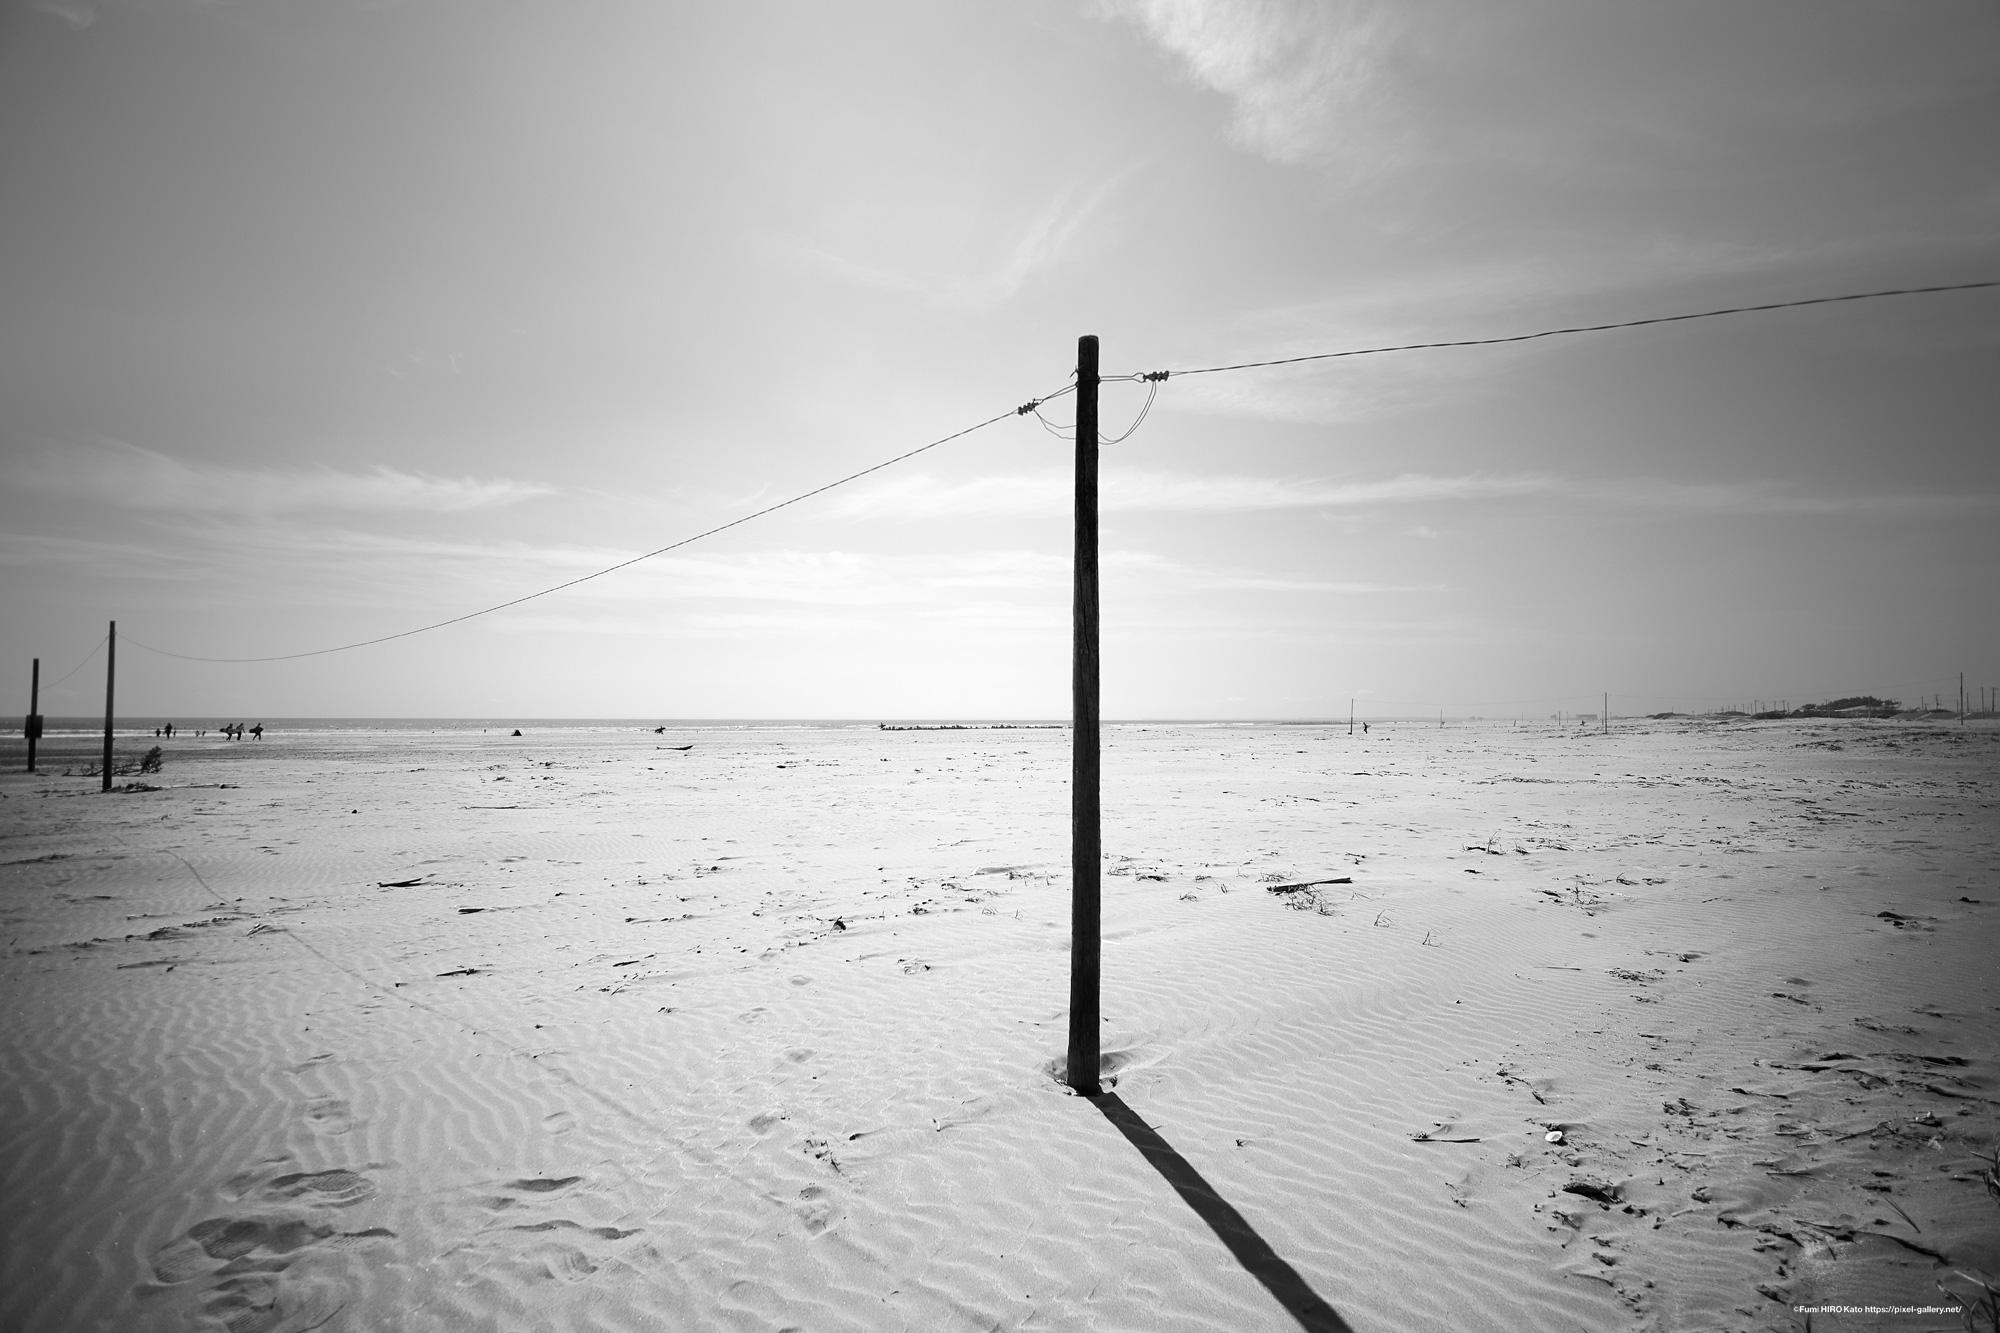 惑星と文明 19-024 時間は砂となって降り積もる